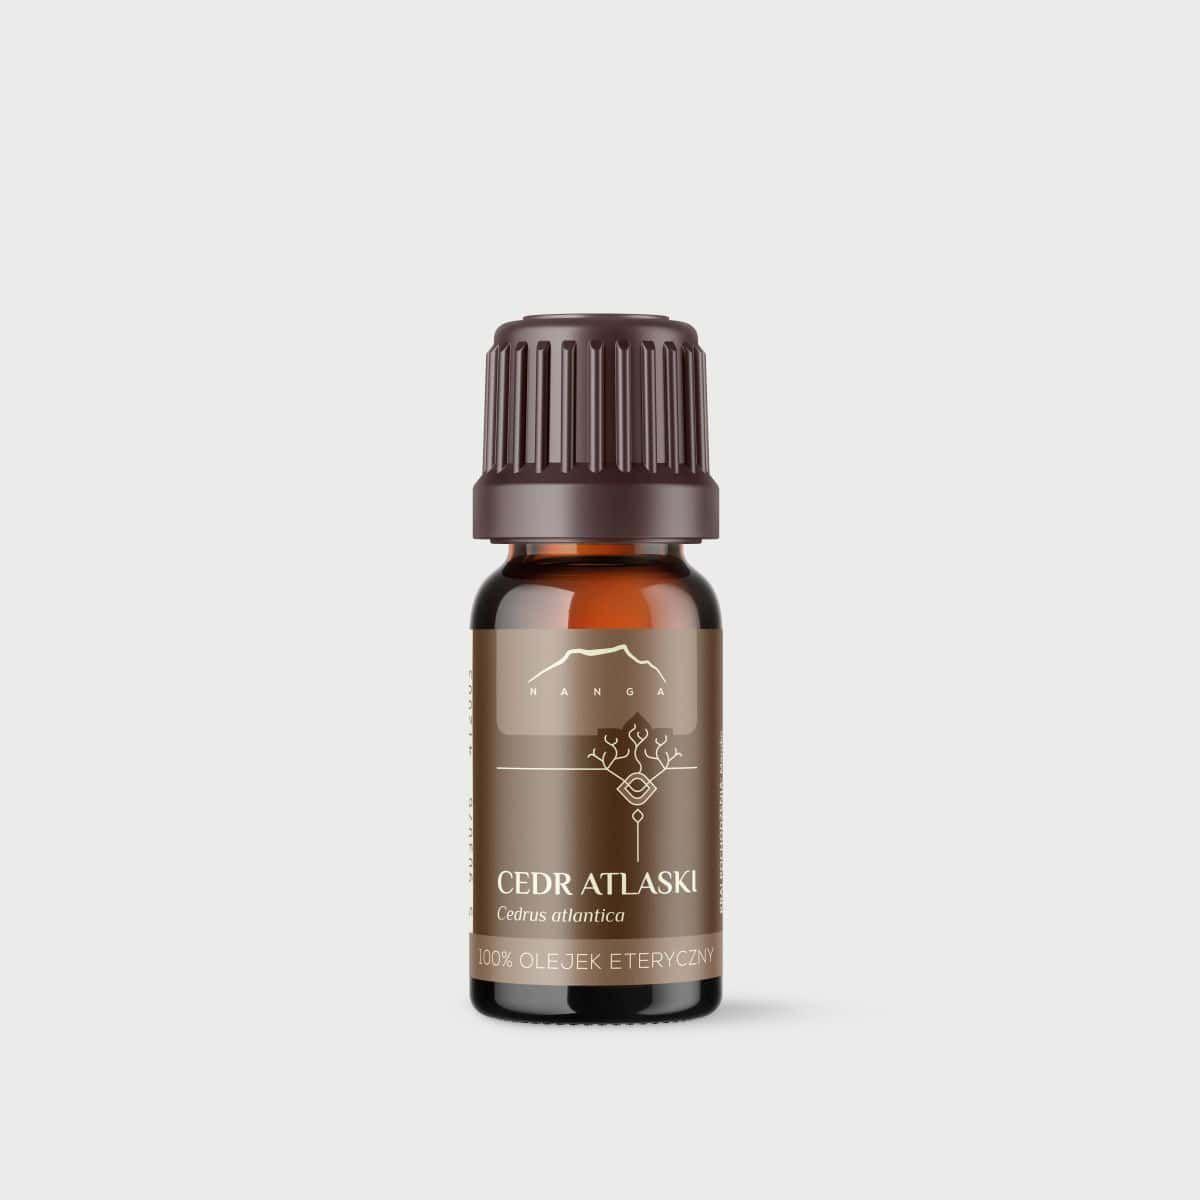 Olejek cedrowy (z kory cedru atlaskiego) 100% eteryczny Nanga